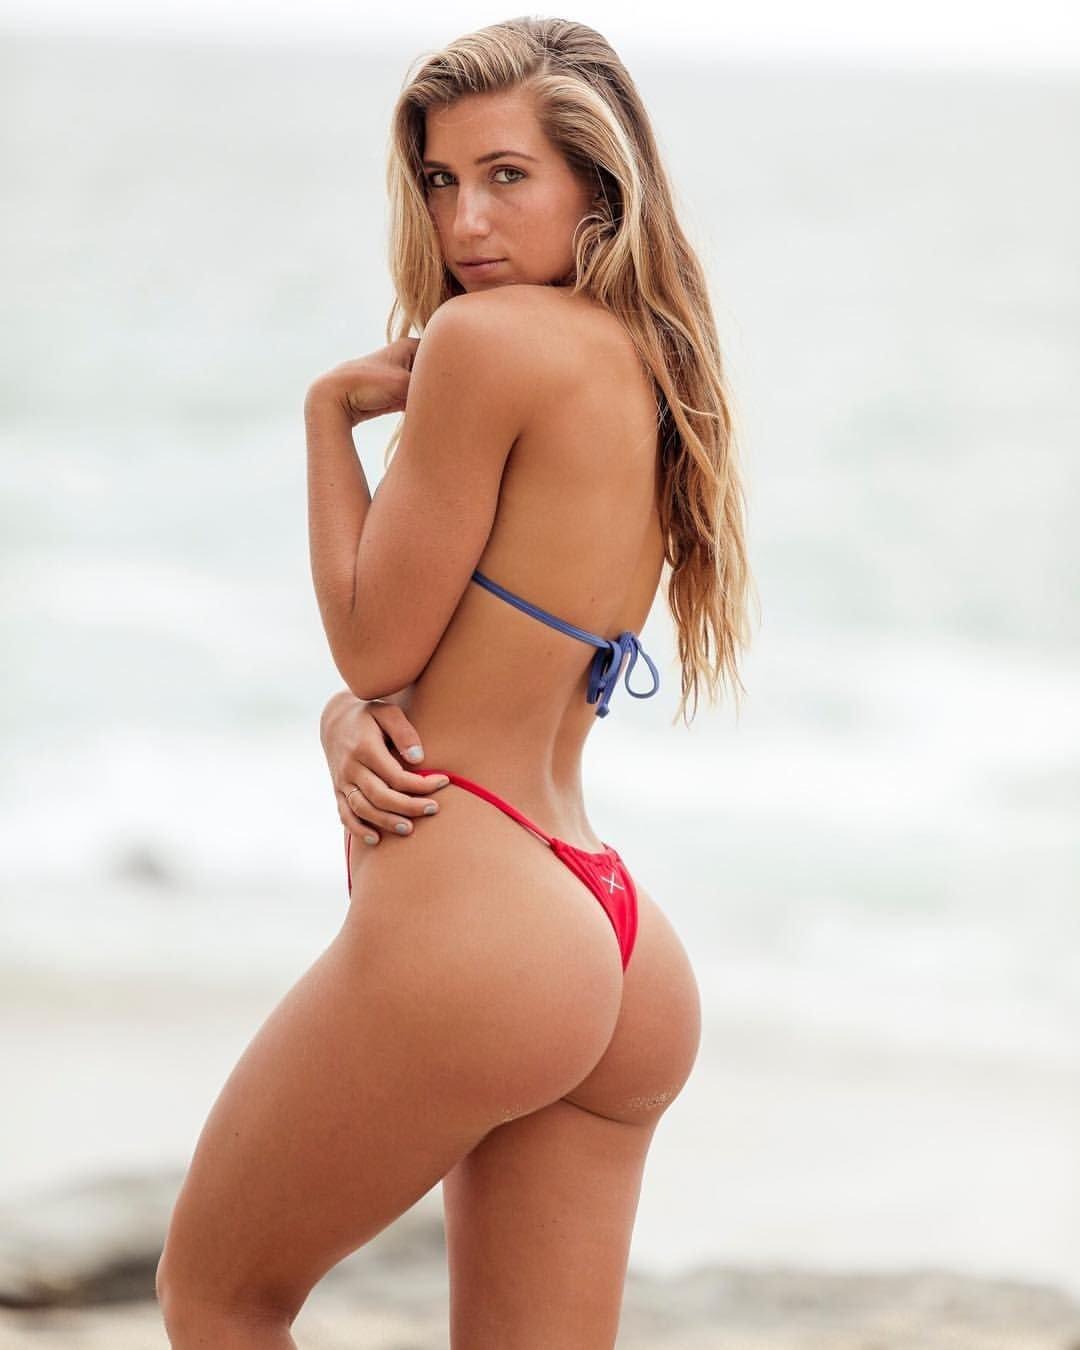 Female ass underwear, image photo